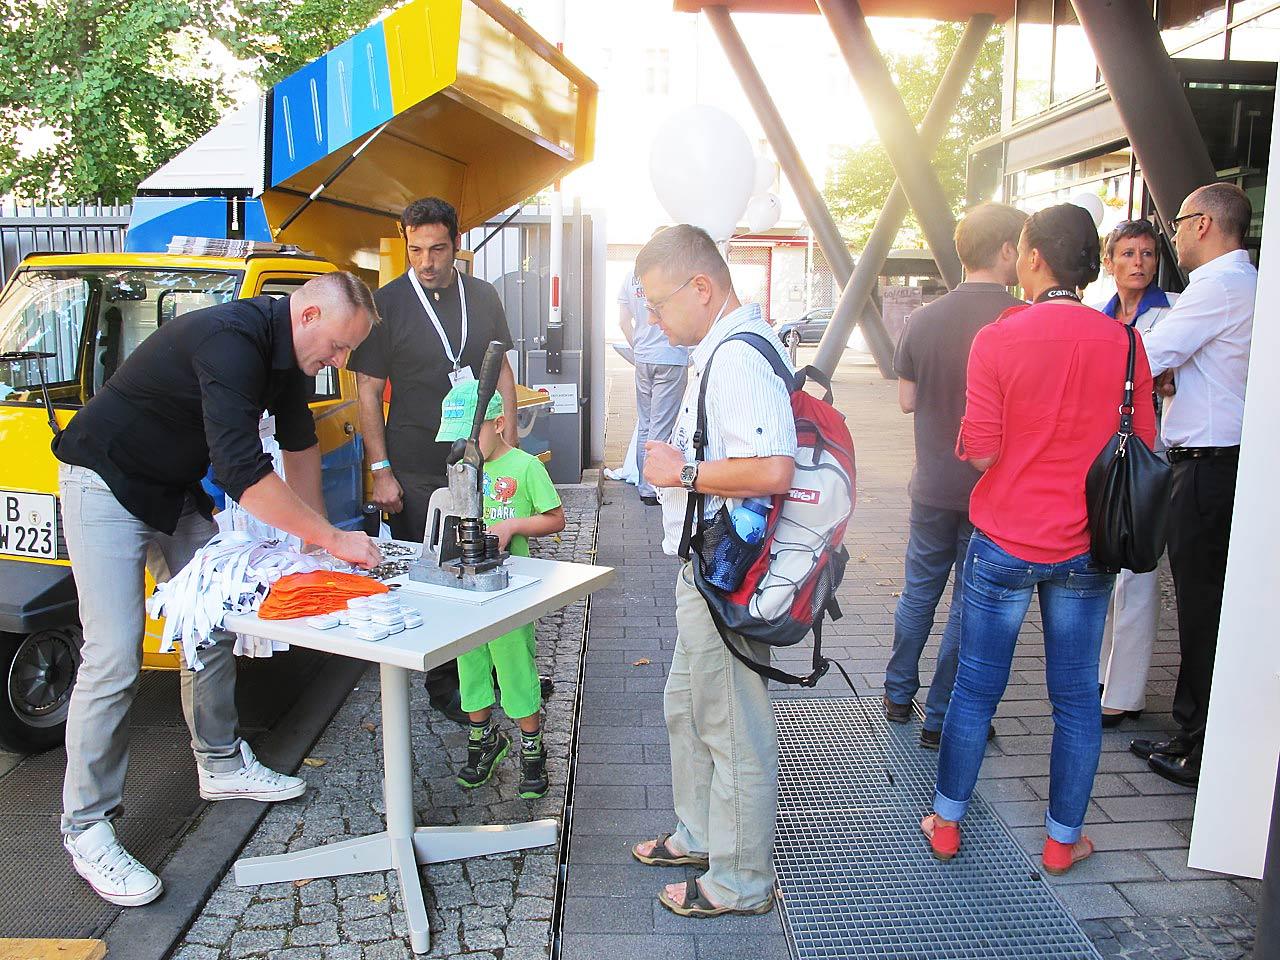 das Infomobil und unser Promotionteam am Tag der offenen Tür am 24./25.08.2013 im Bundesministerium für Bildung und Forschung